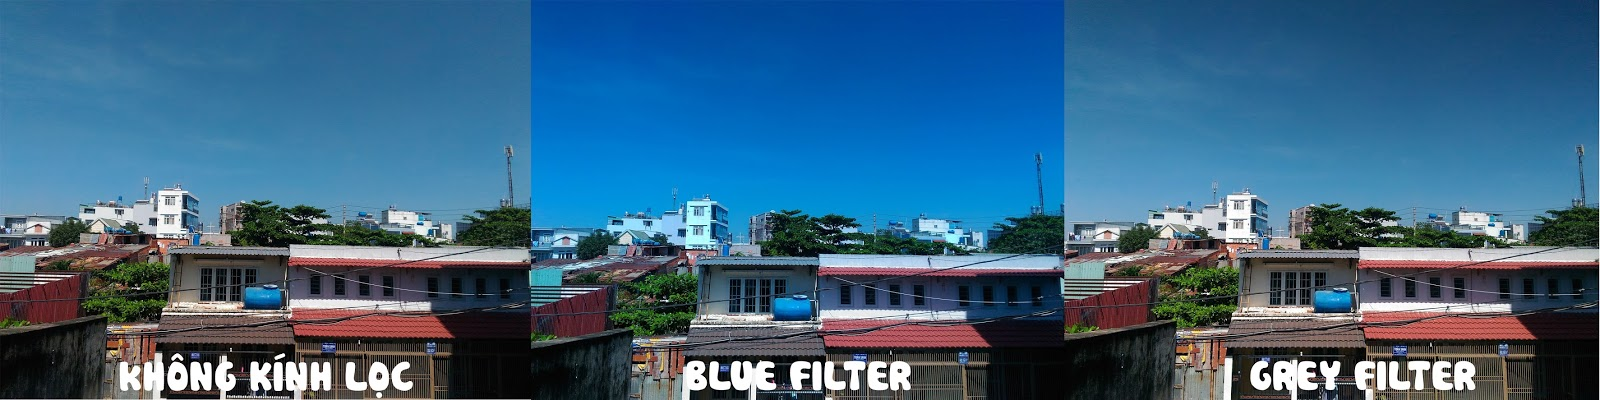 Thử nghiệm kính lọc đa năng màu xanh dương và màu xám